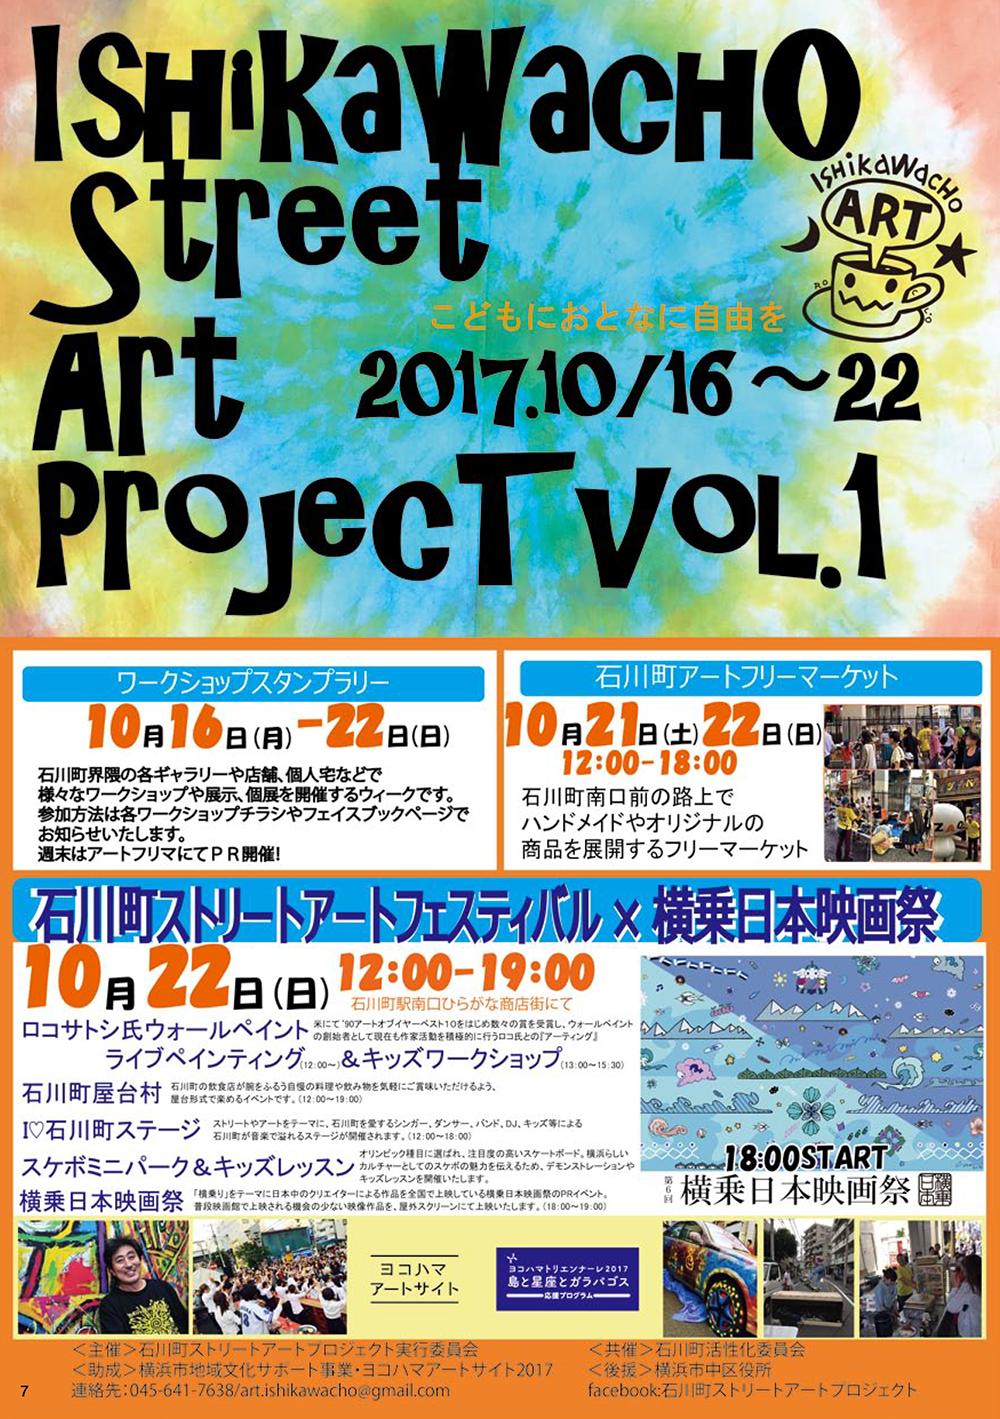 石川町ストリートアートフェスティバル